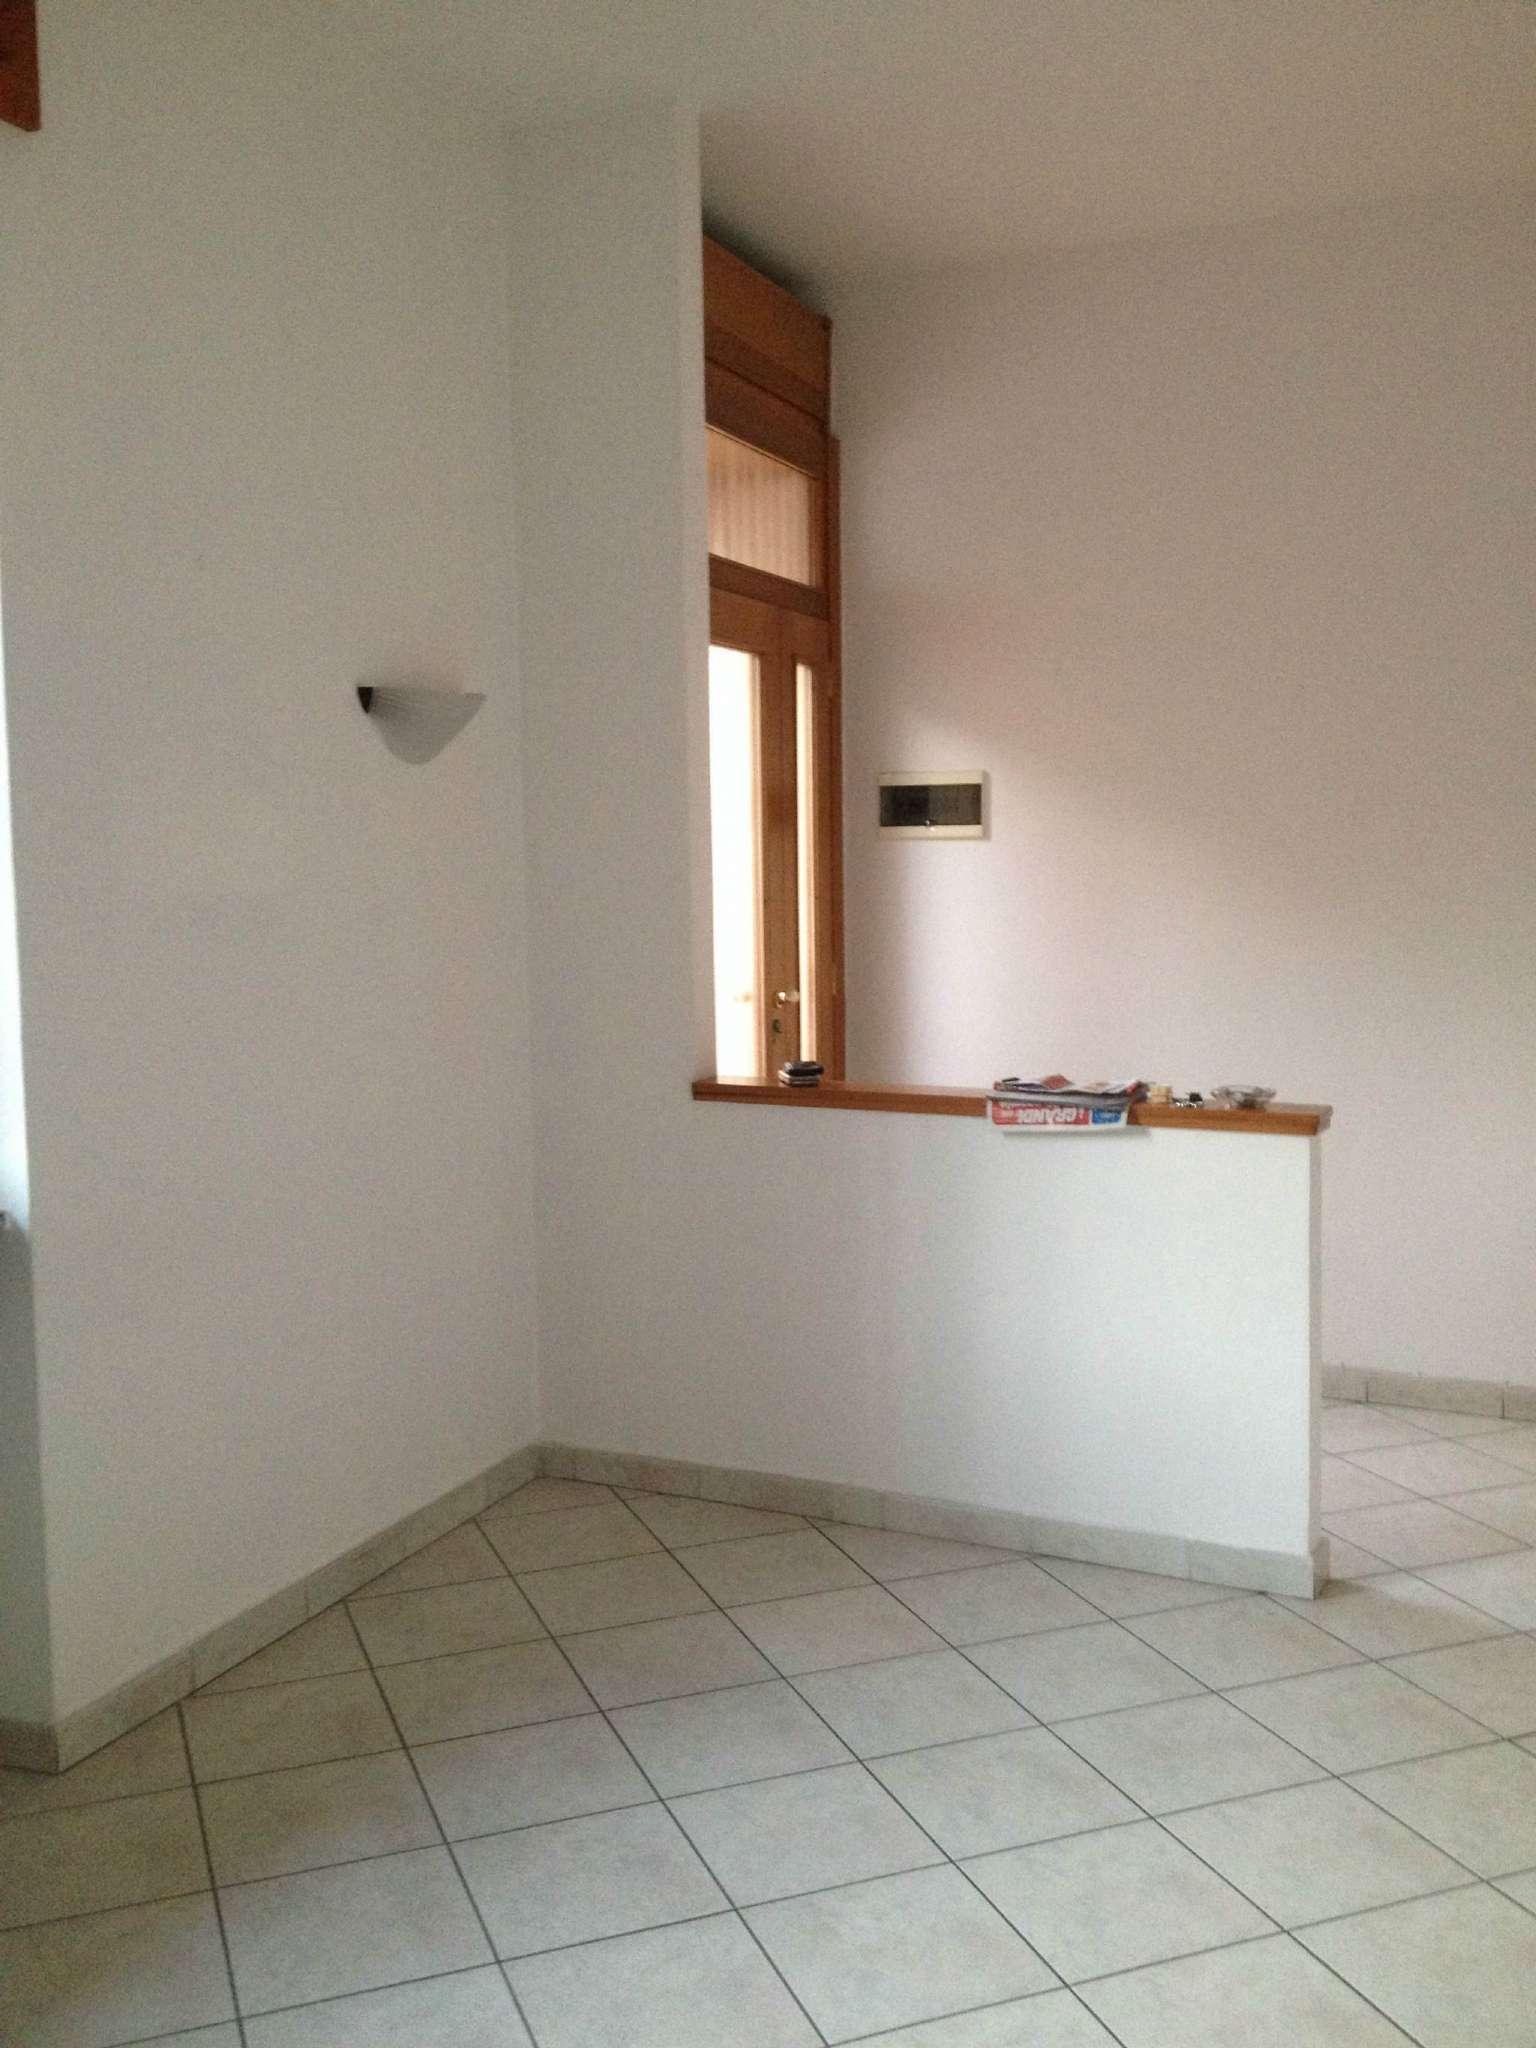 Appartamento in vendita a Gessate, 2 locali, prezzo € 110.000 | CambioCasa.it